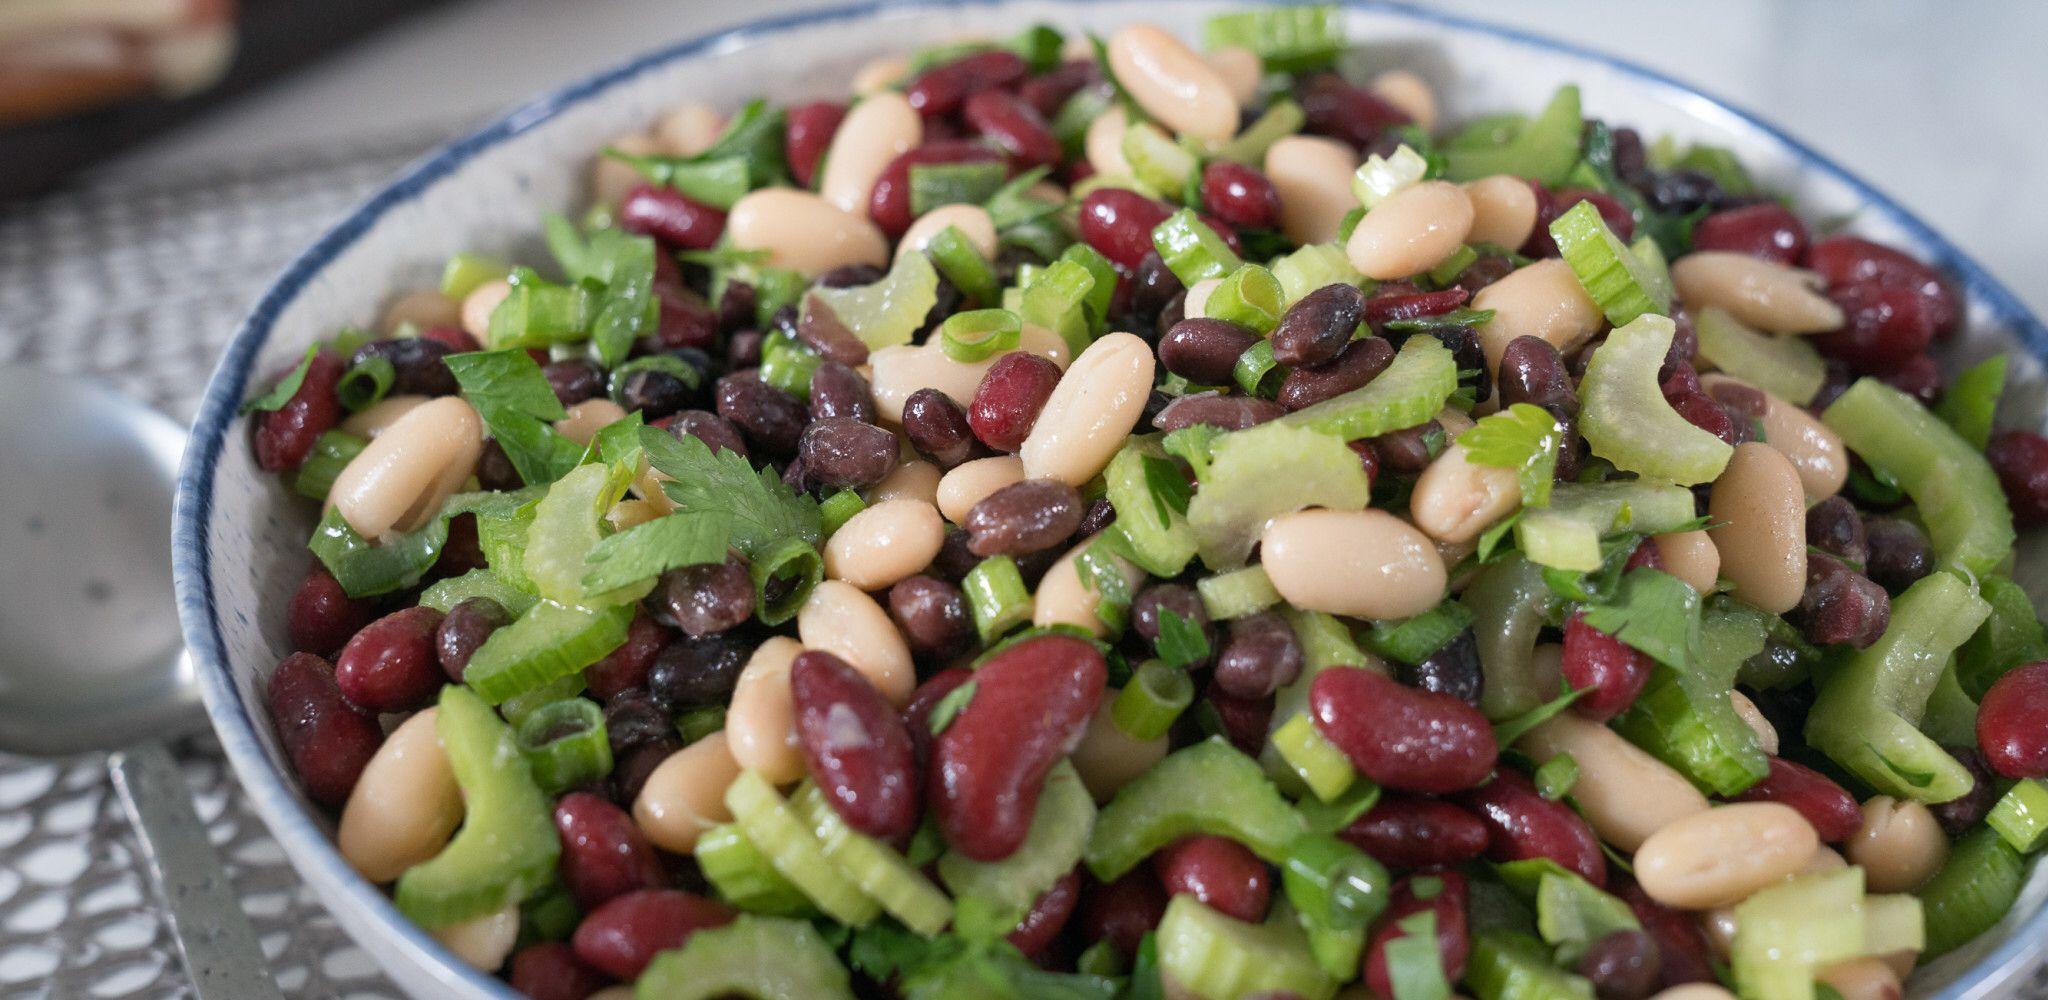 3 Bean Salad With Lemon Vinaigrette Recipe In 2020 3 Bean Salad Bean Salad Food Network Recipes